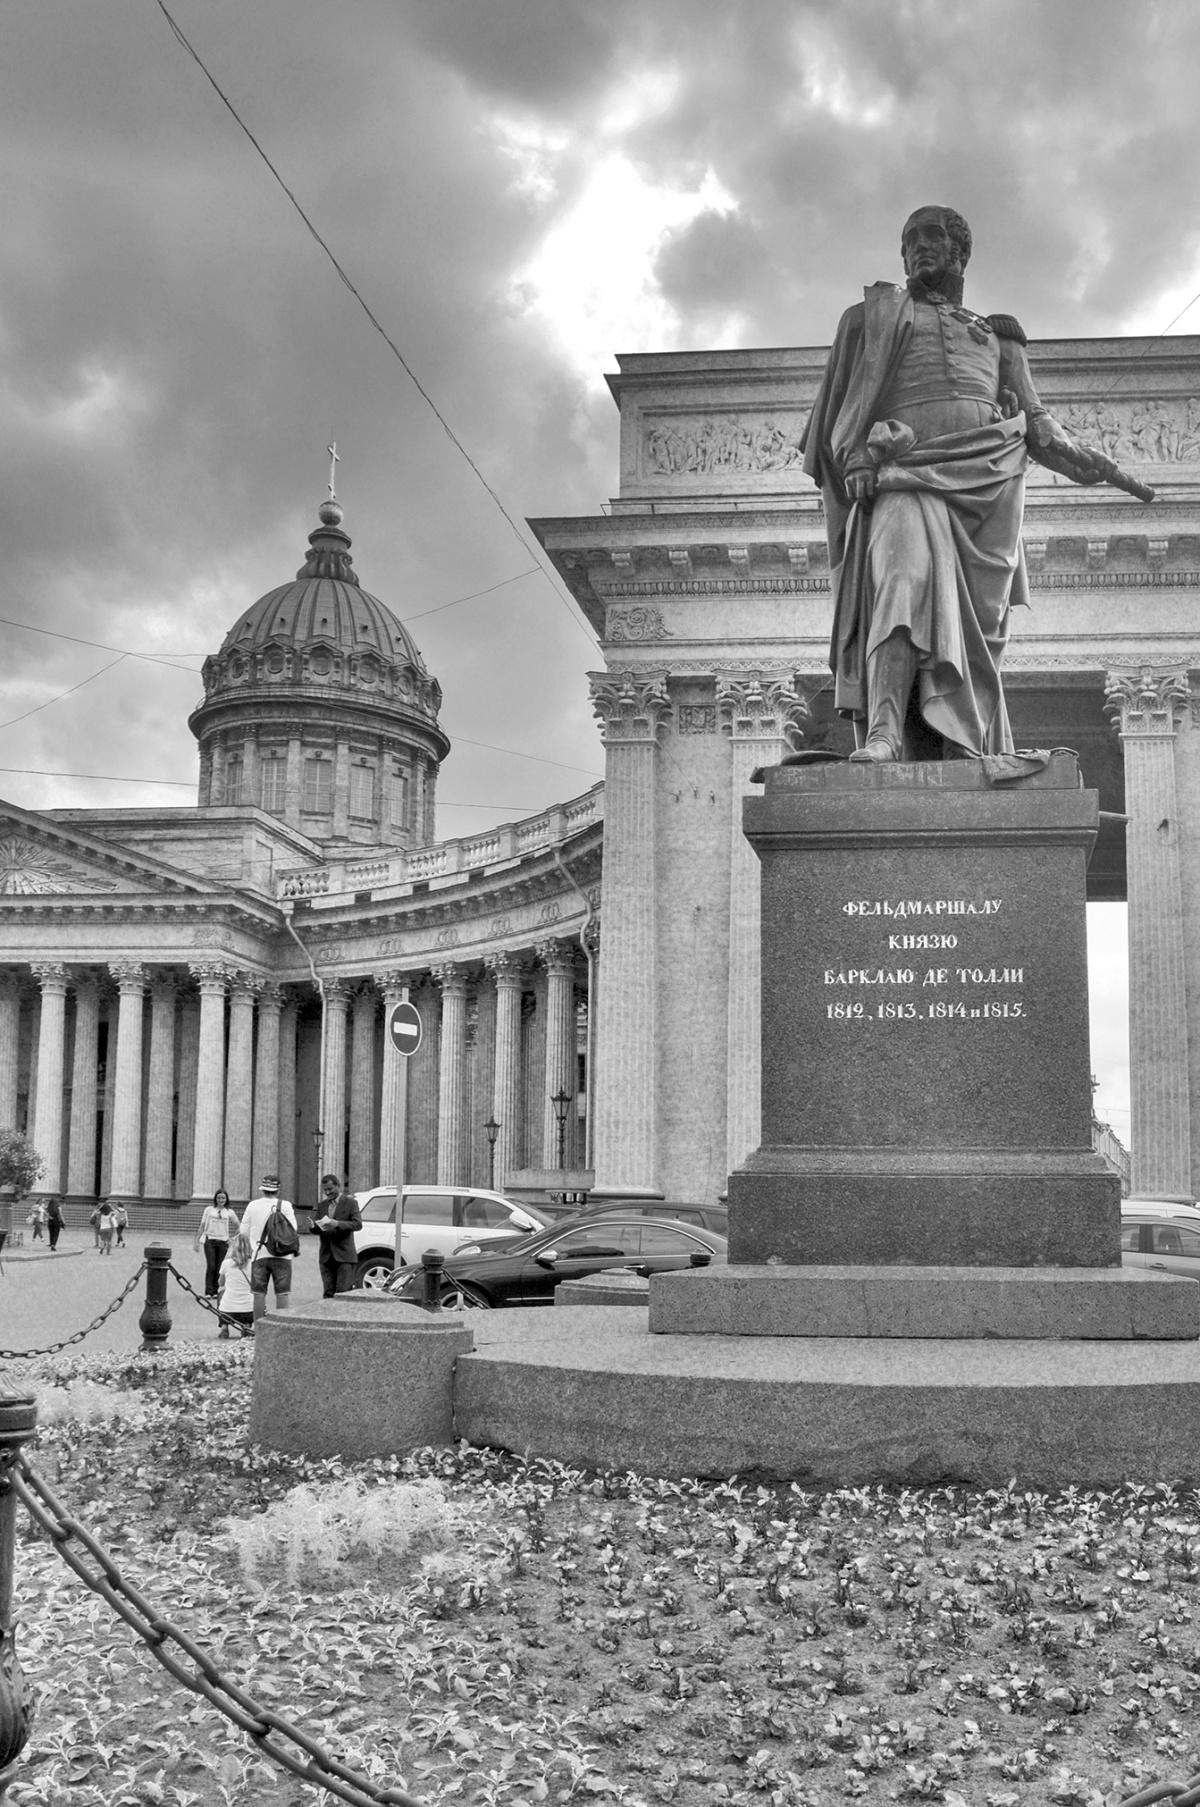 Off Nevsky